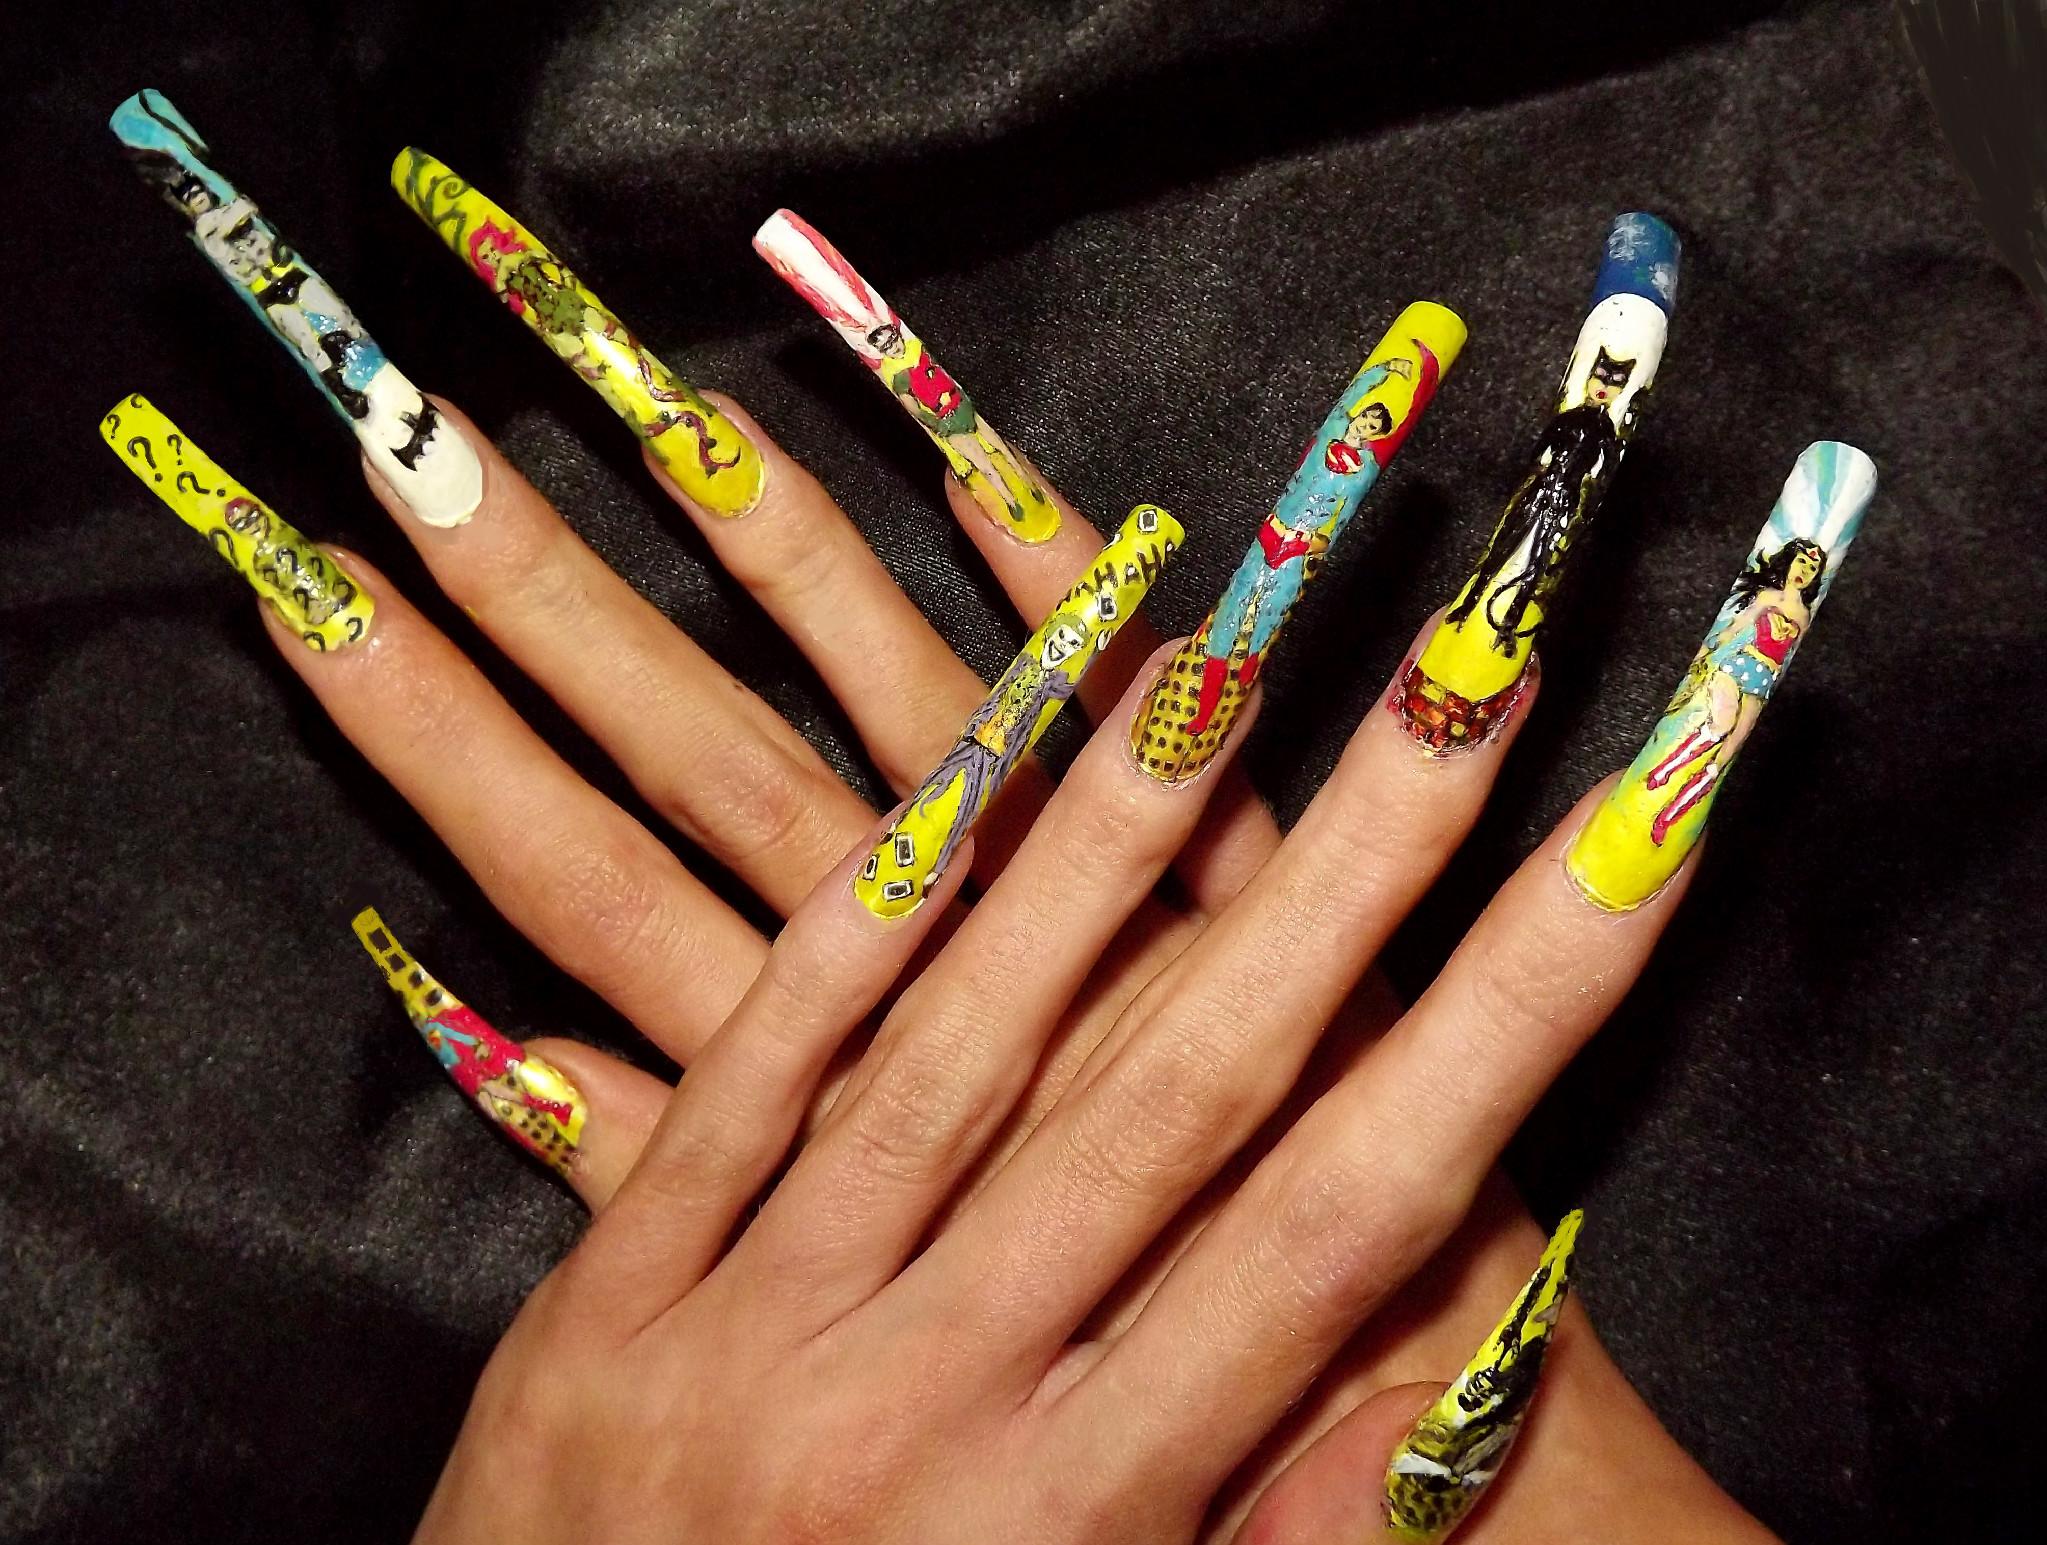 Nail art tutorials - Sedusa Crudella